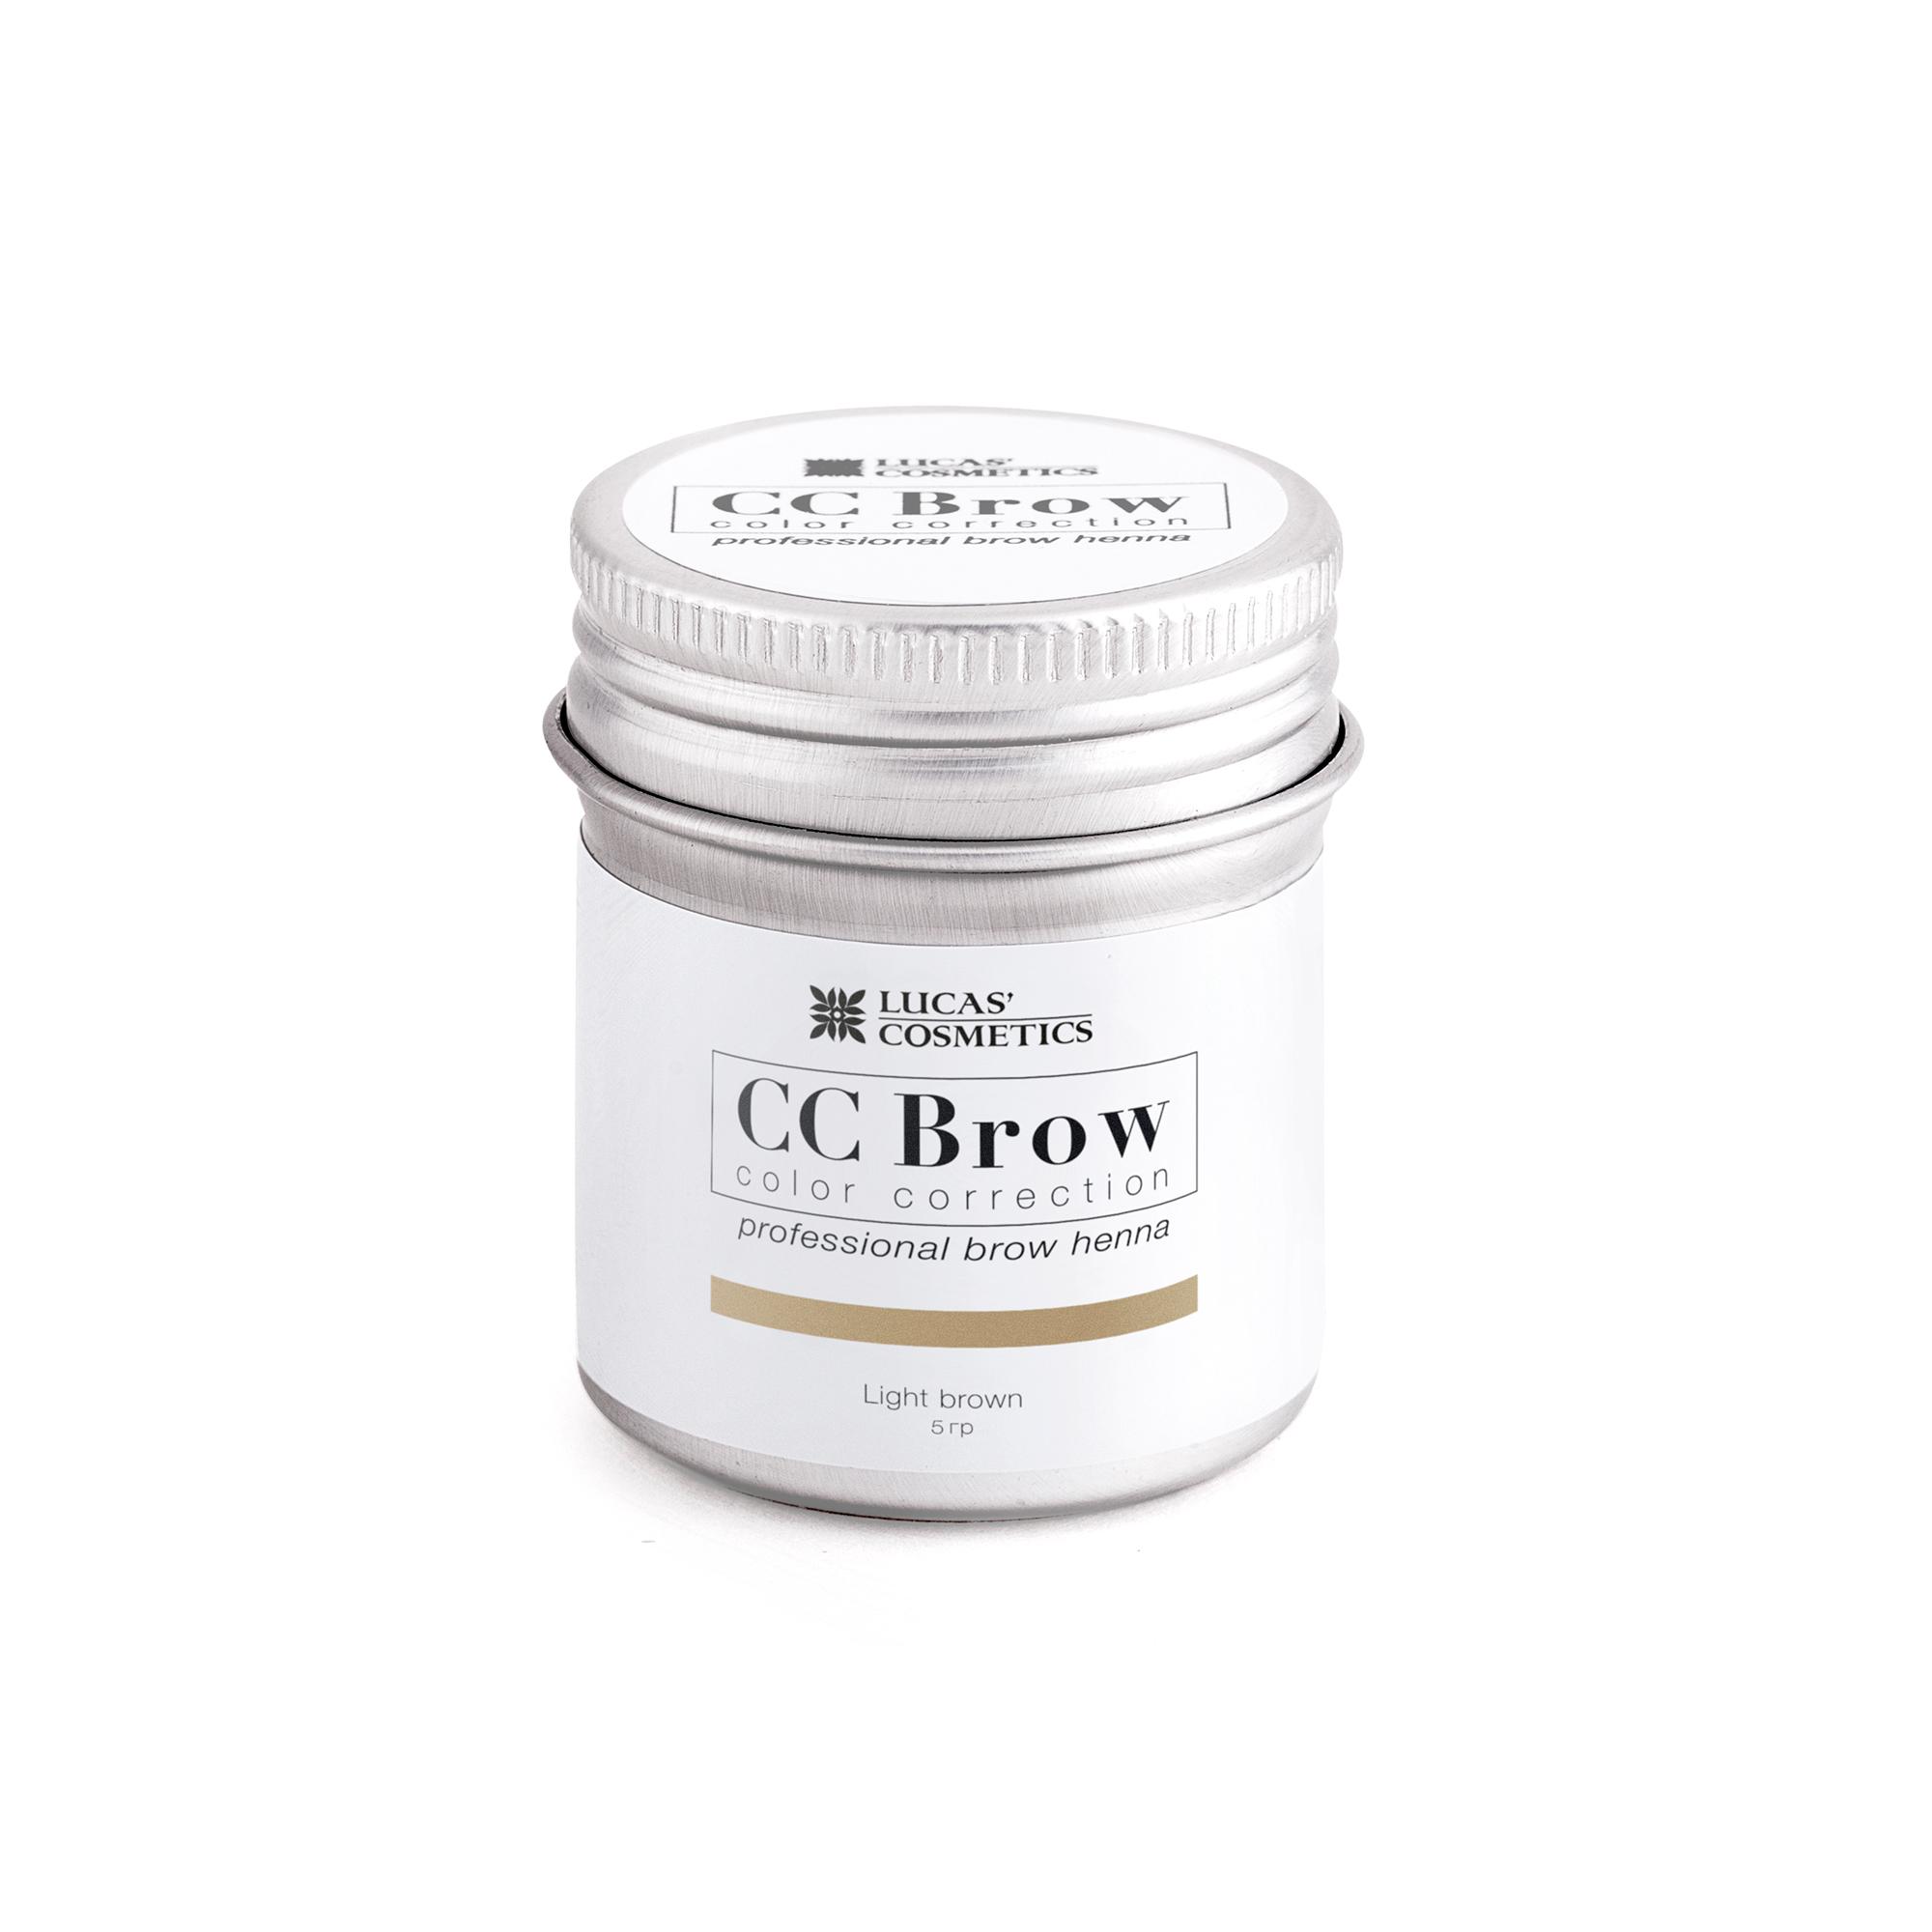 LUCAS' COSMETICS Хна для бровей в баночке (светло-коричневый) / CC Brow (light brown), 5 гр